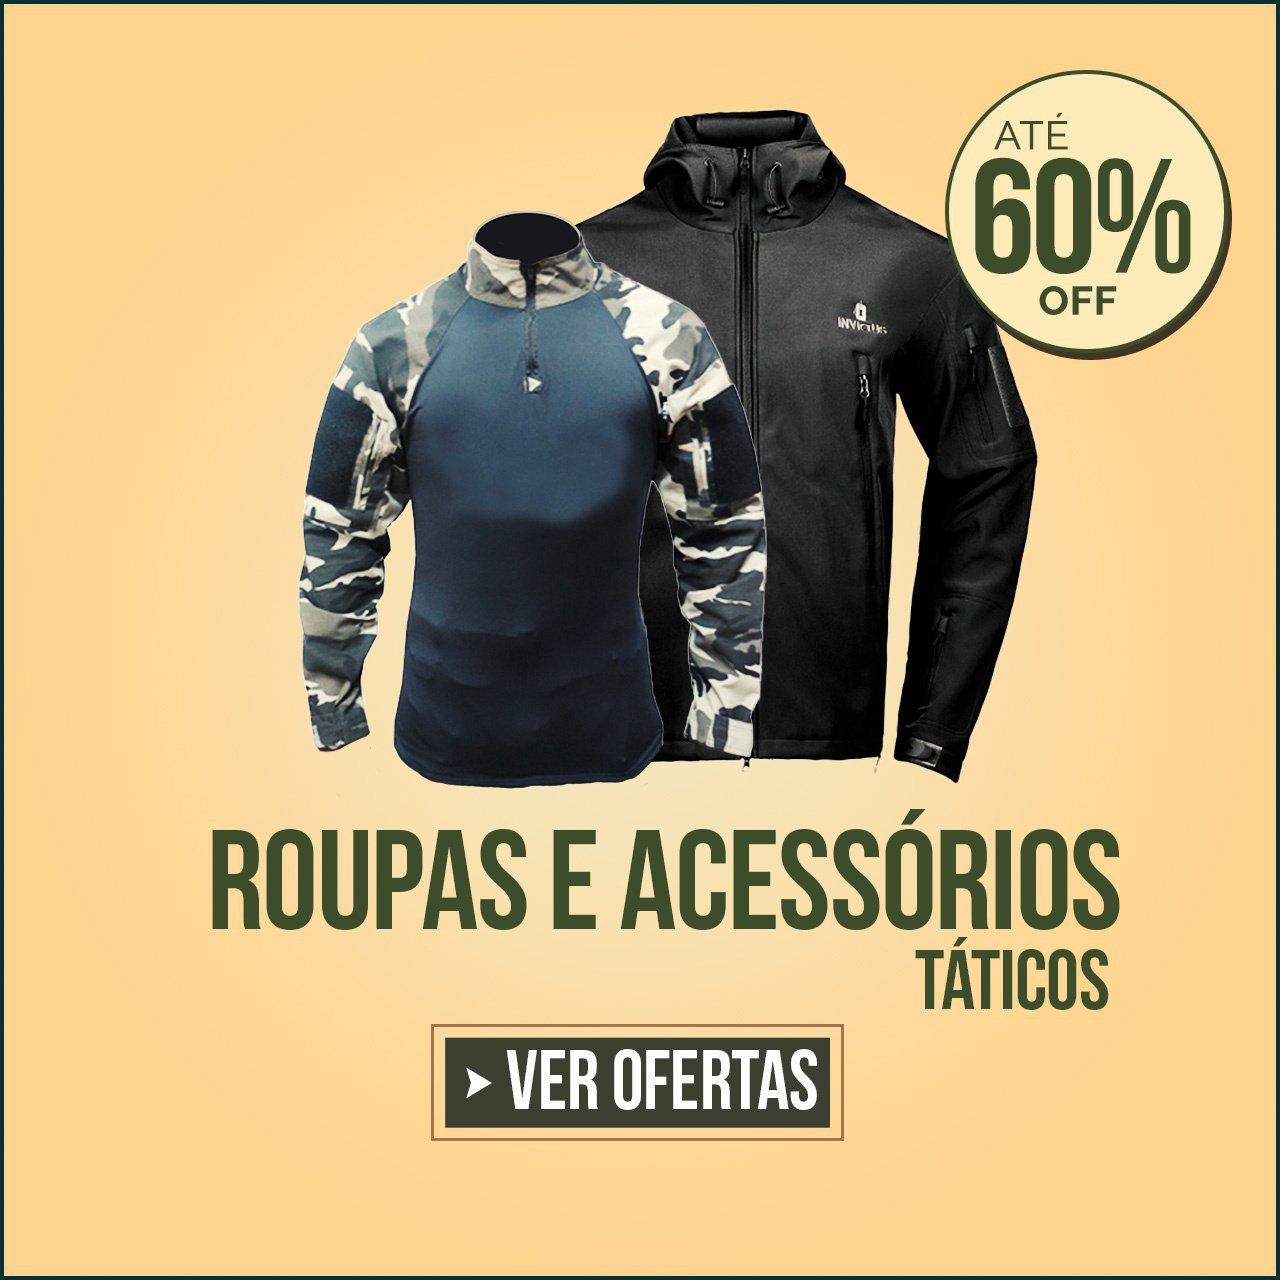 ROUPAS E ACESSÓRIOS TÁTICOS COM ATÉ 60% OFF